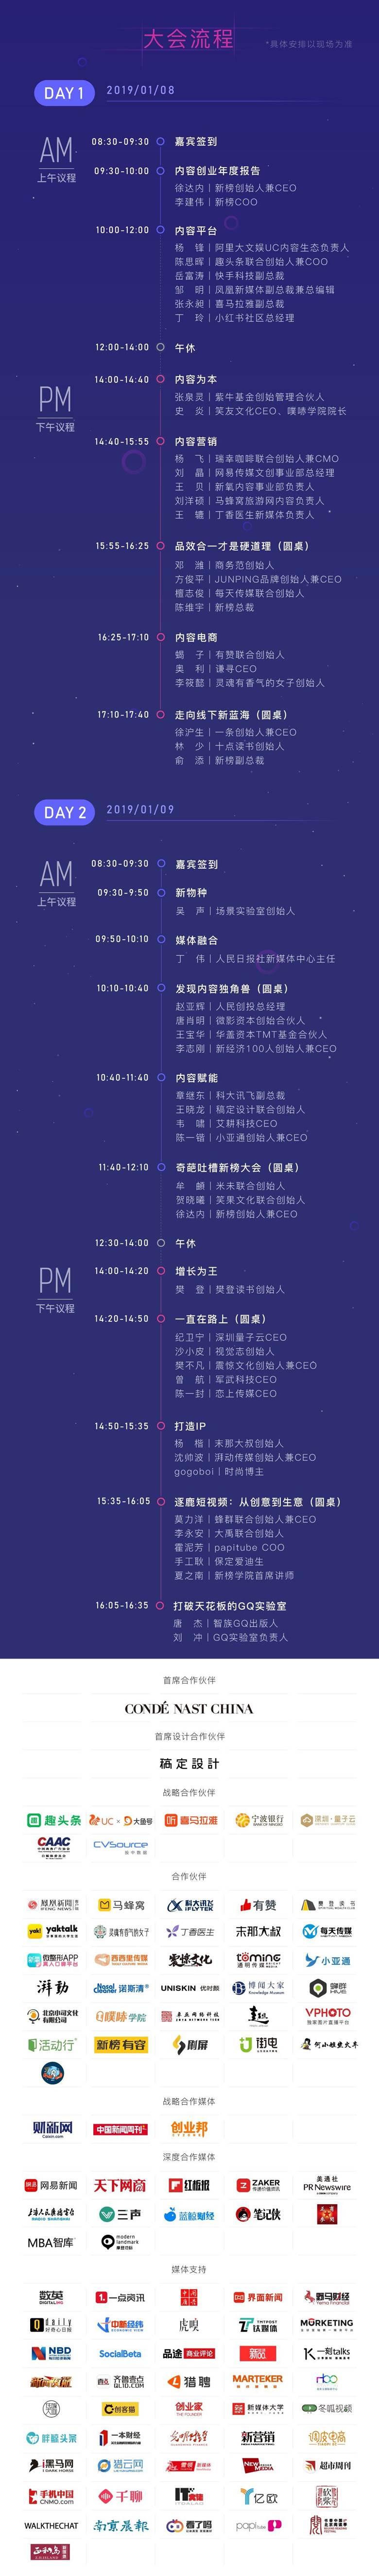 2019-新榜大会流程+时间.png